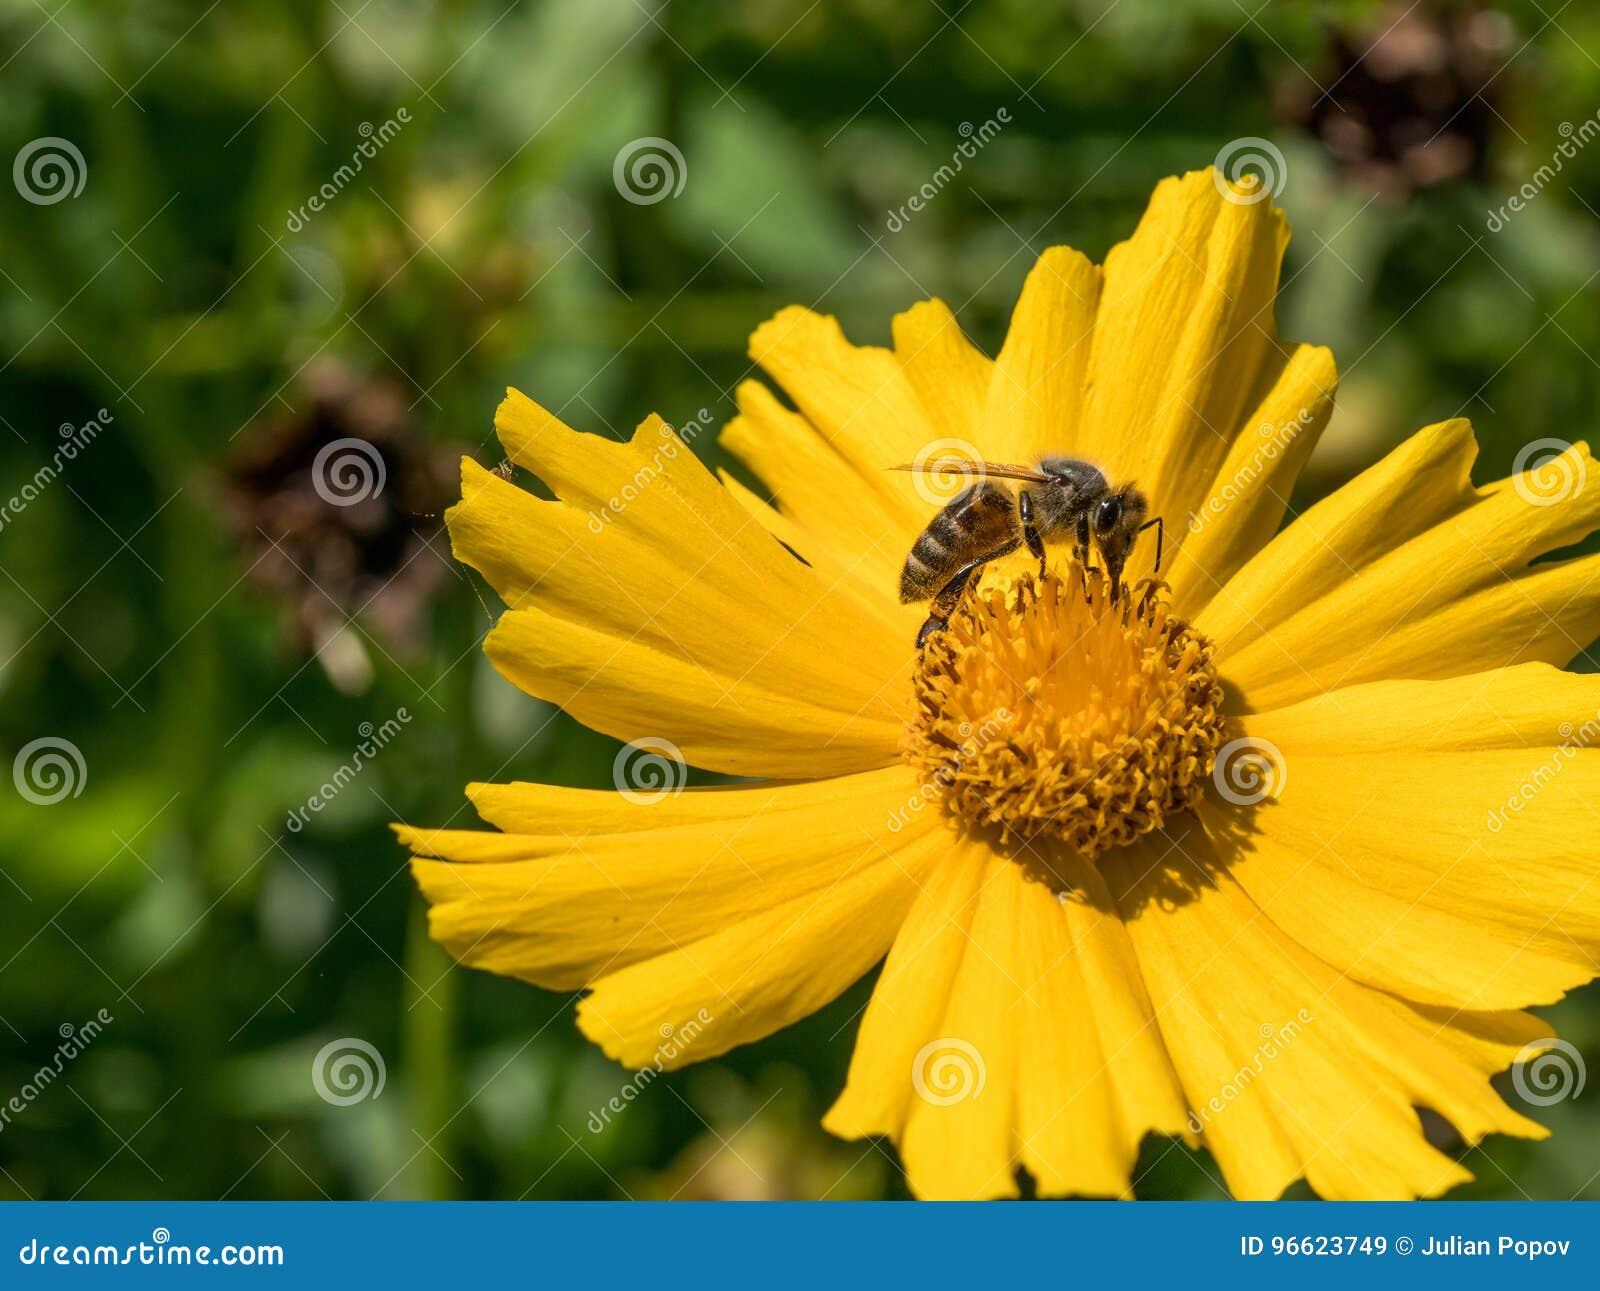 Macro colpo di un ape che si siede sul fiore giallo della margherita